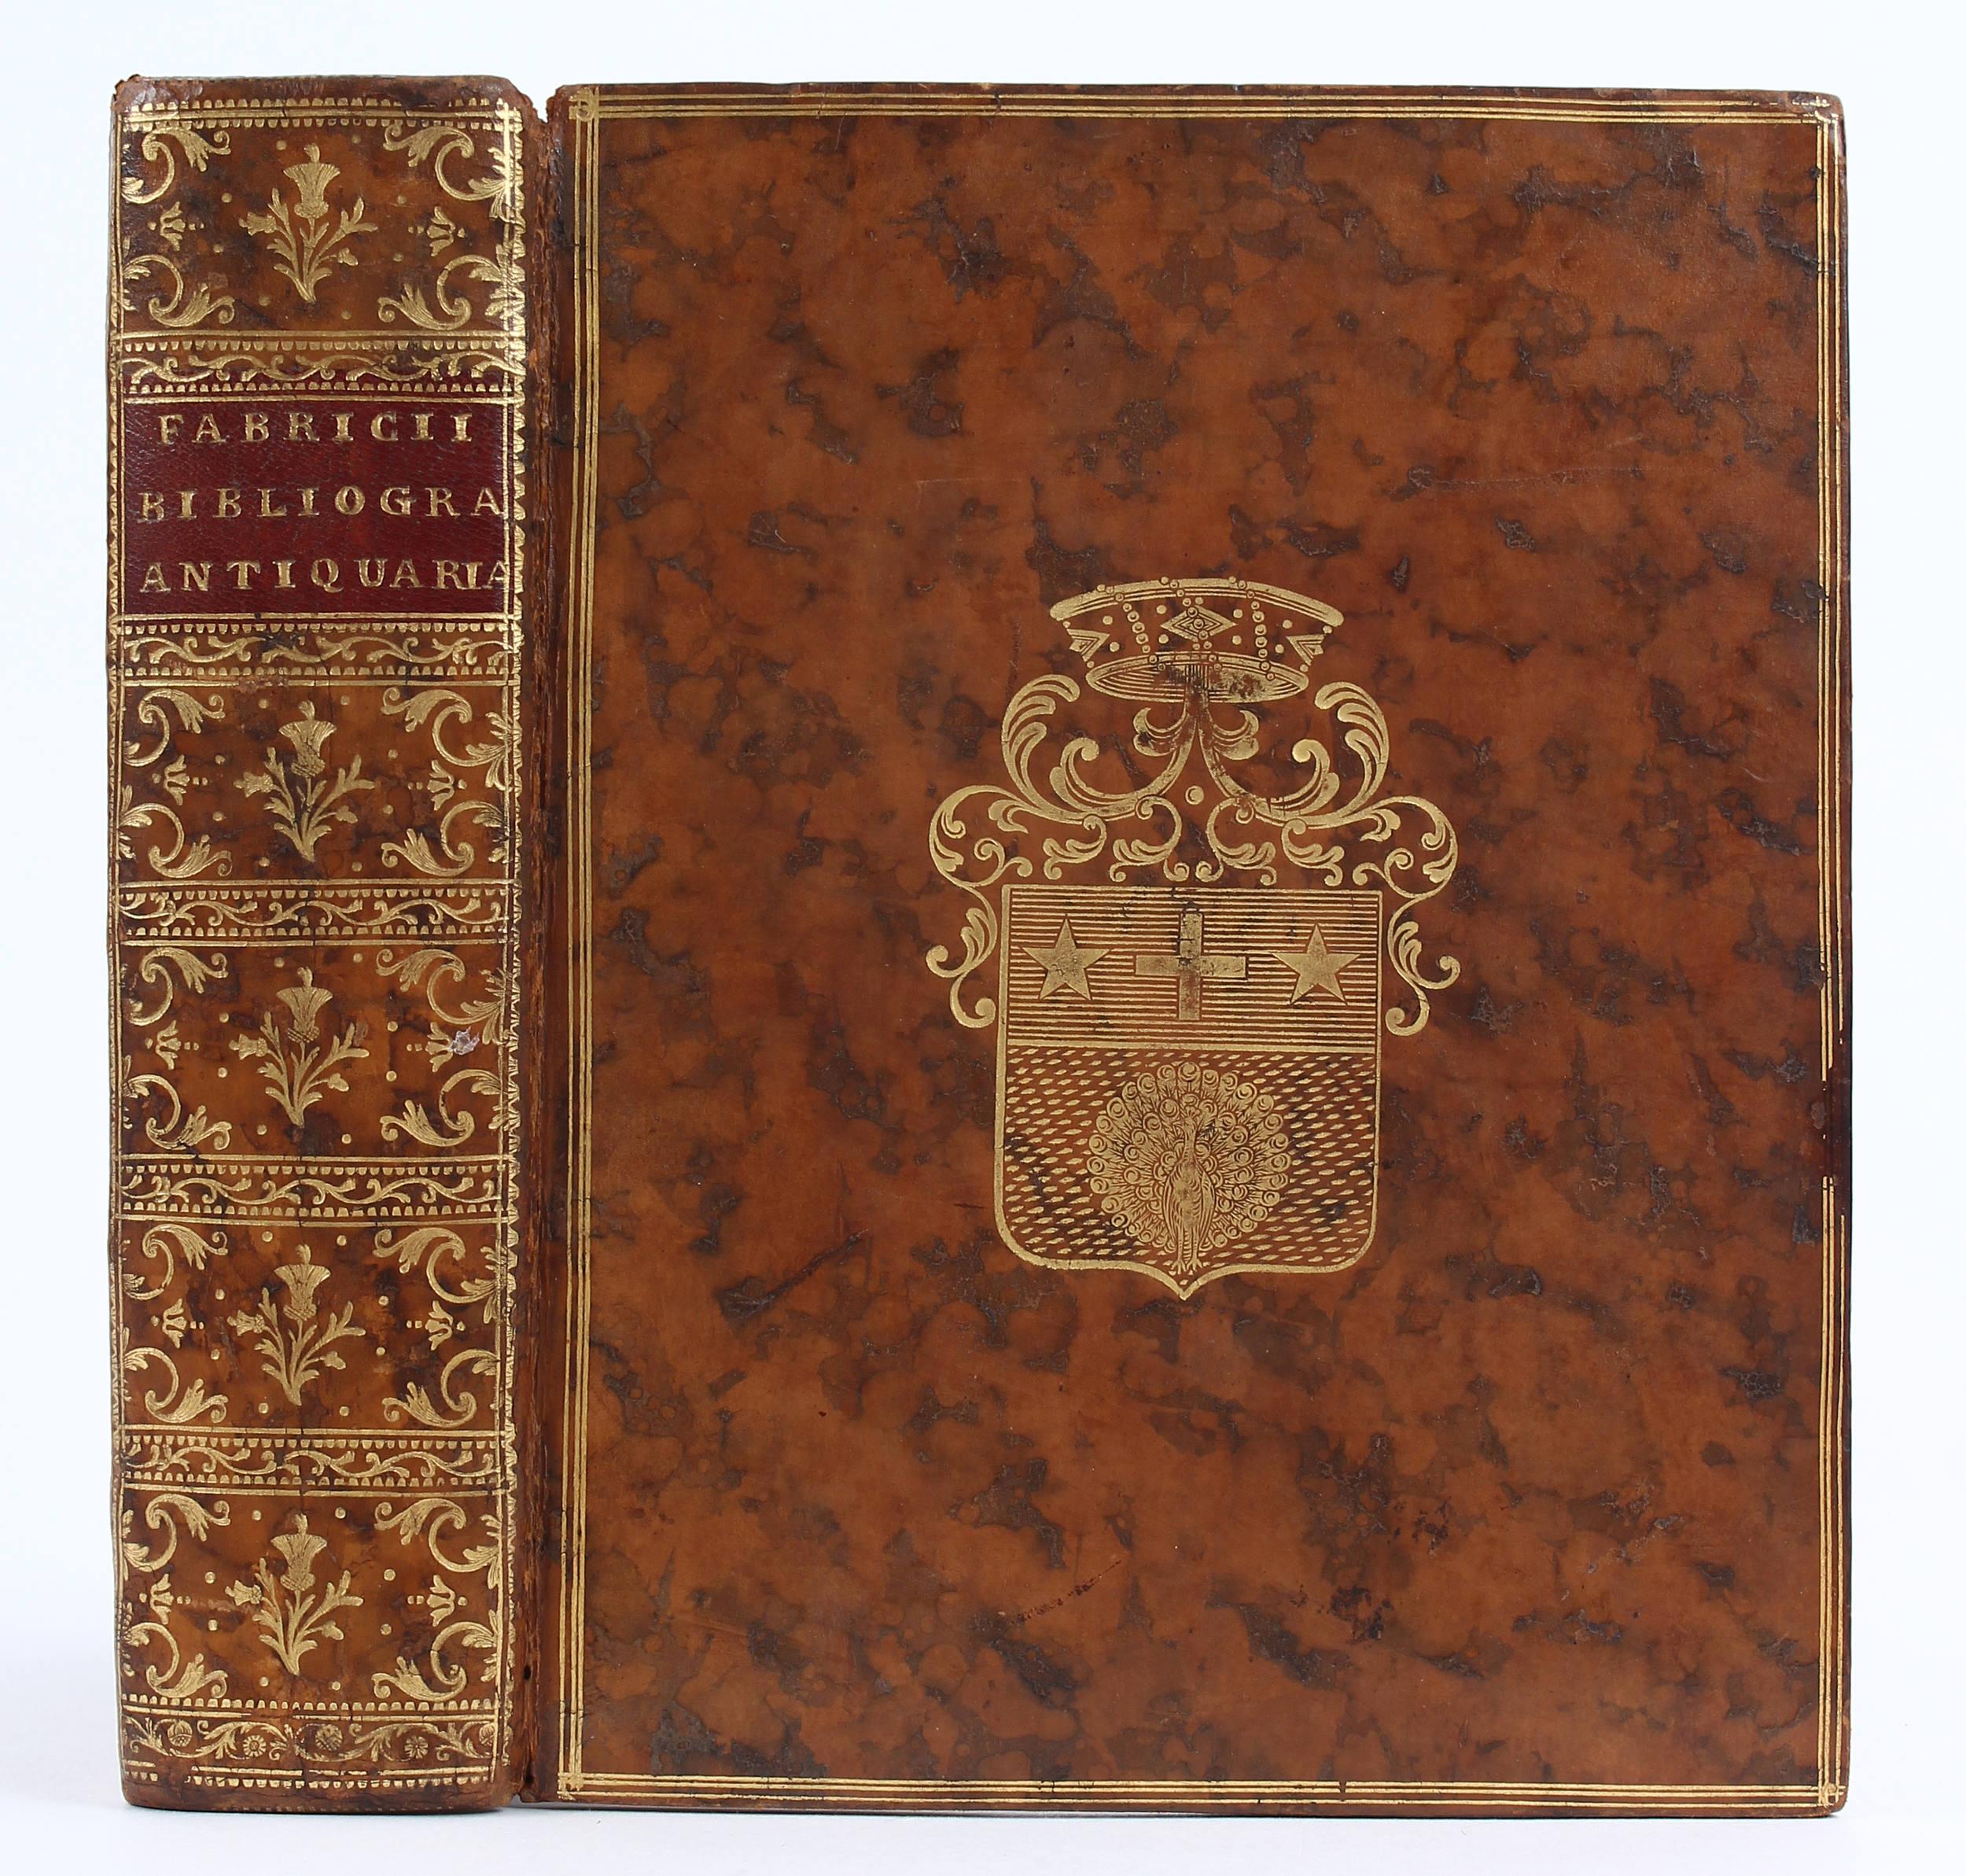 Fabricius, Bibliographia antiquaria